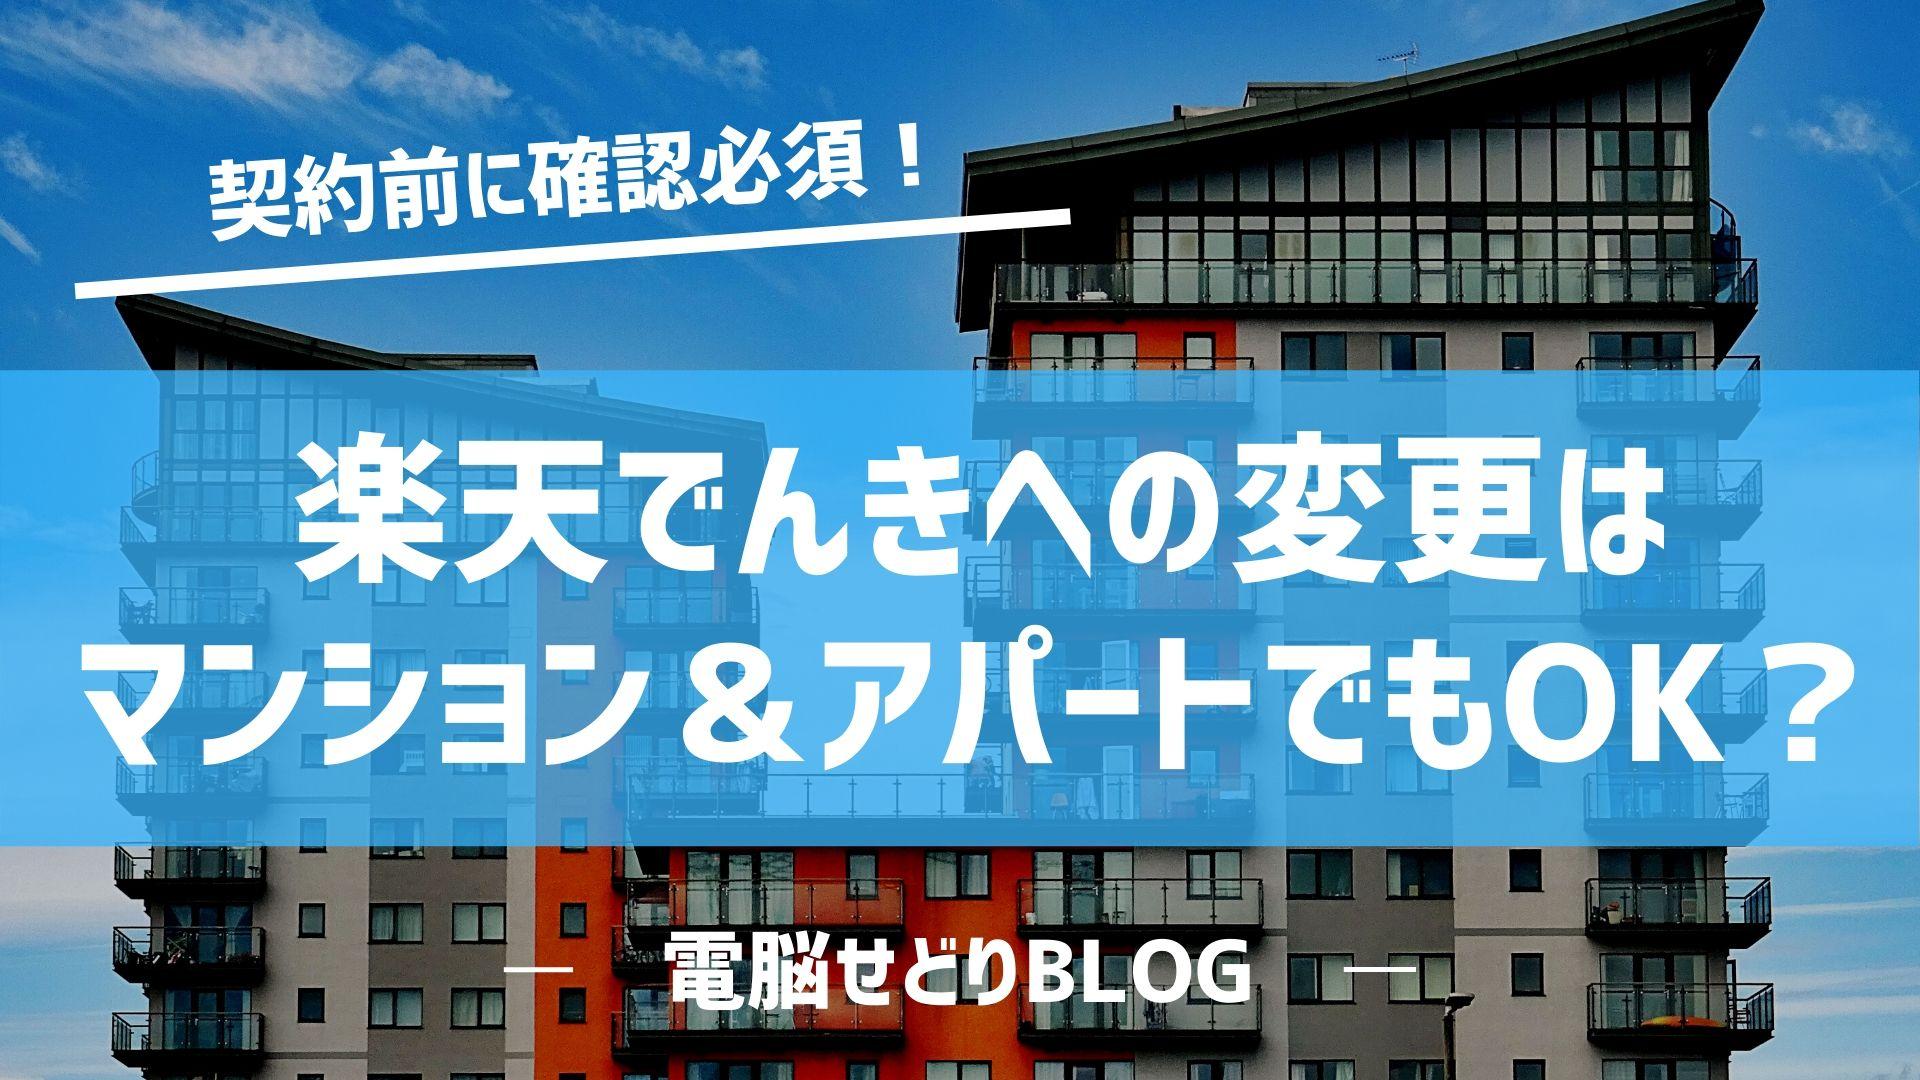 楽天でんきはマンション/アパートでも契約できる?⇒一括受電じゃなければOK。詳細は管理会社に確認しましょう!